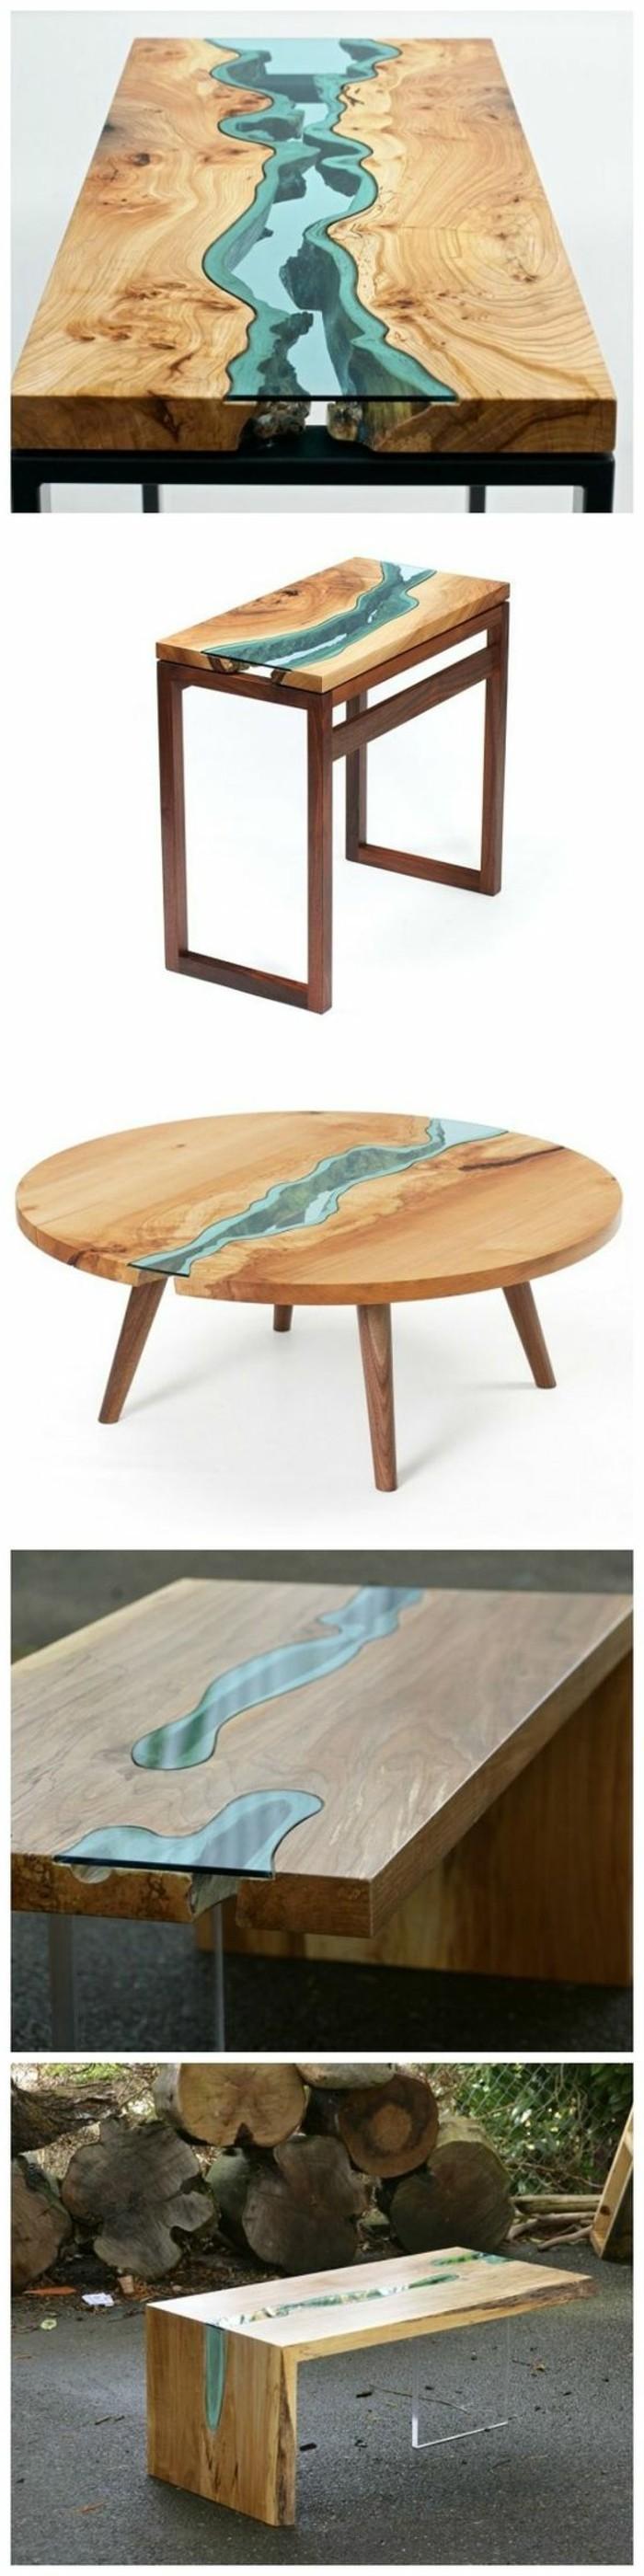 diy-moebel-kreative-wohnideen-tisch-aus-holz-und-glas-selber-bauen